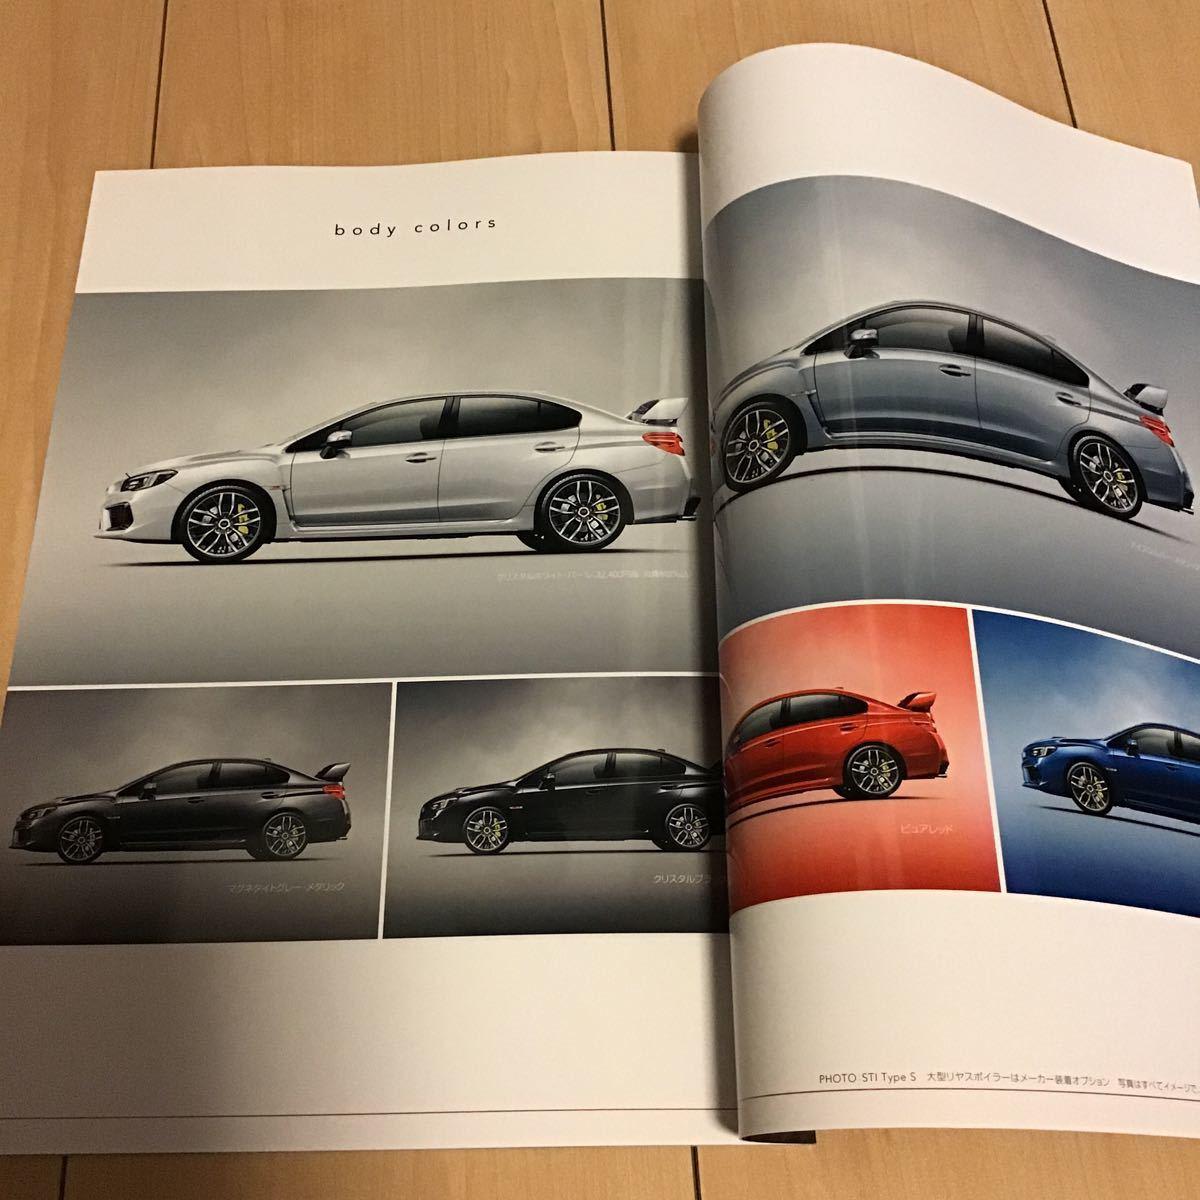 最新版 2019年5月 スバル WRX STI カタログ 47ページ 3冊セット (0623)_画像5